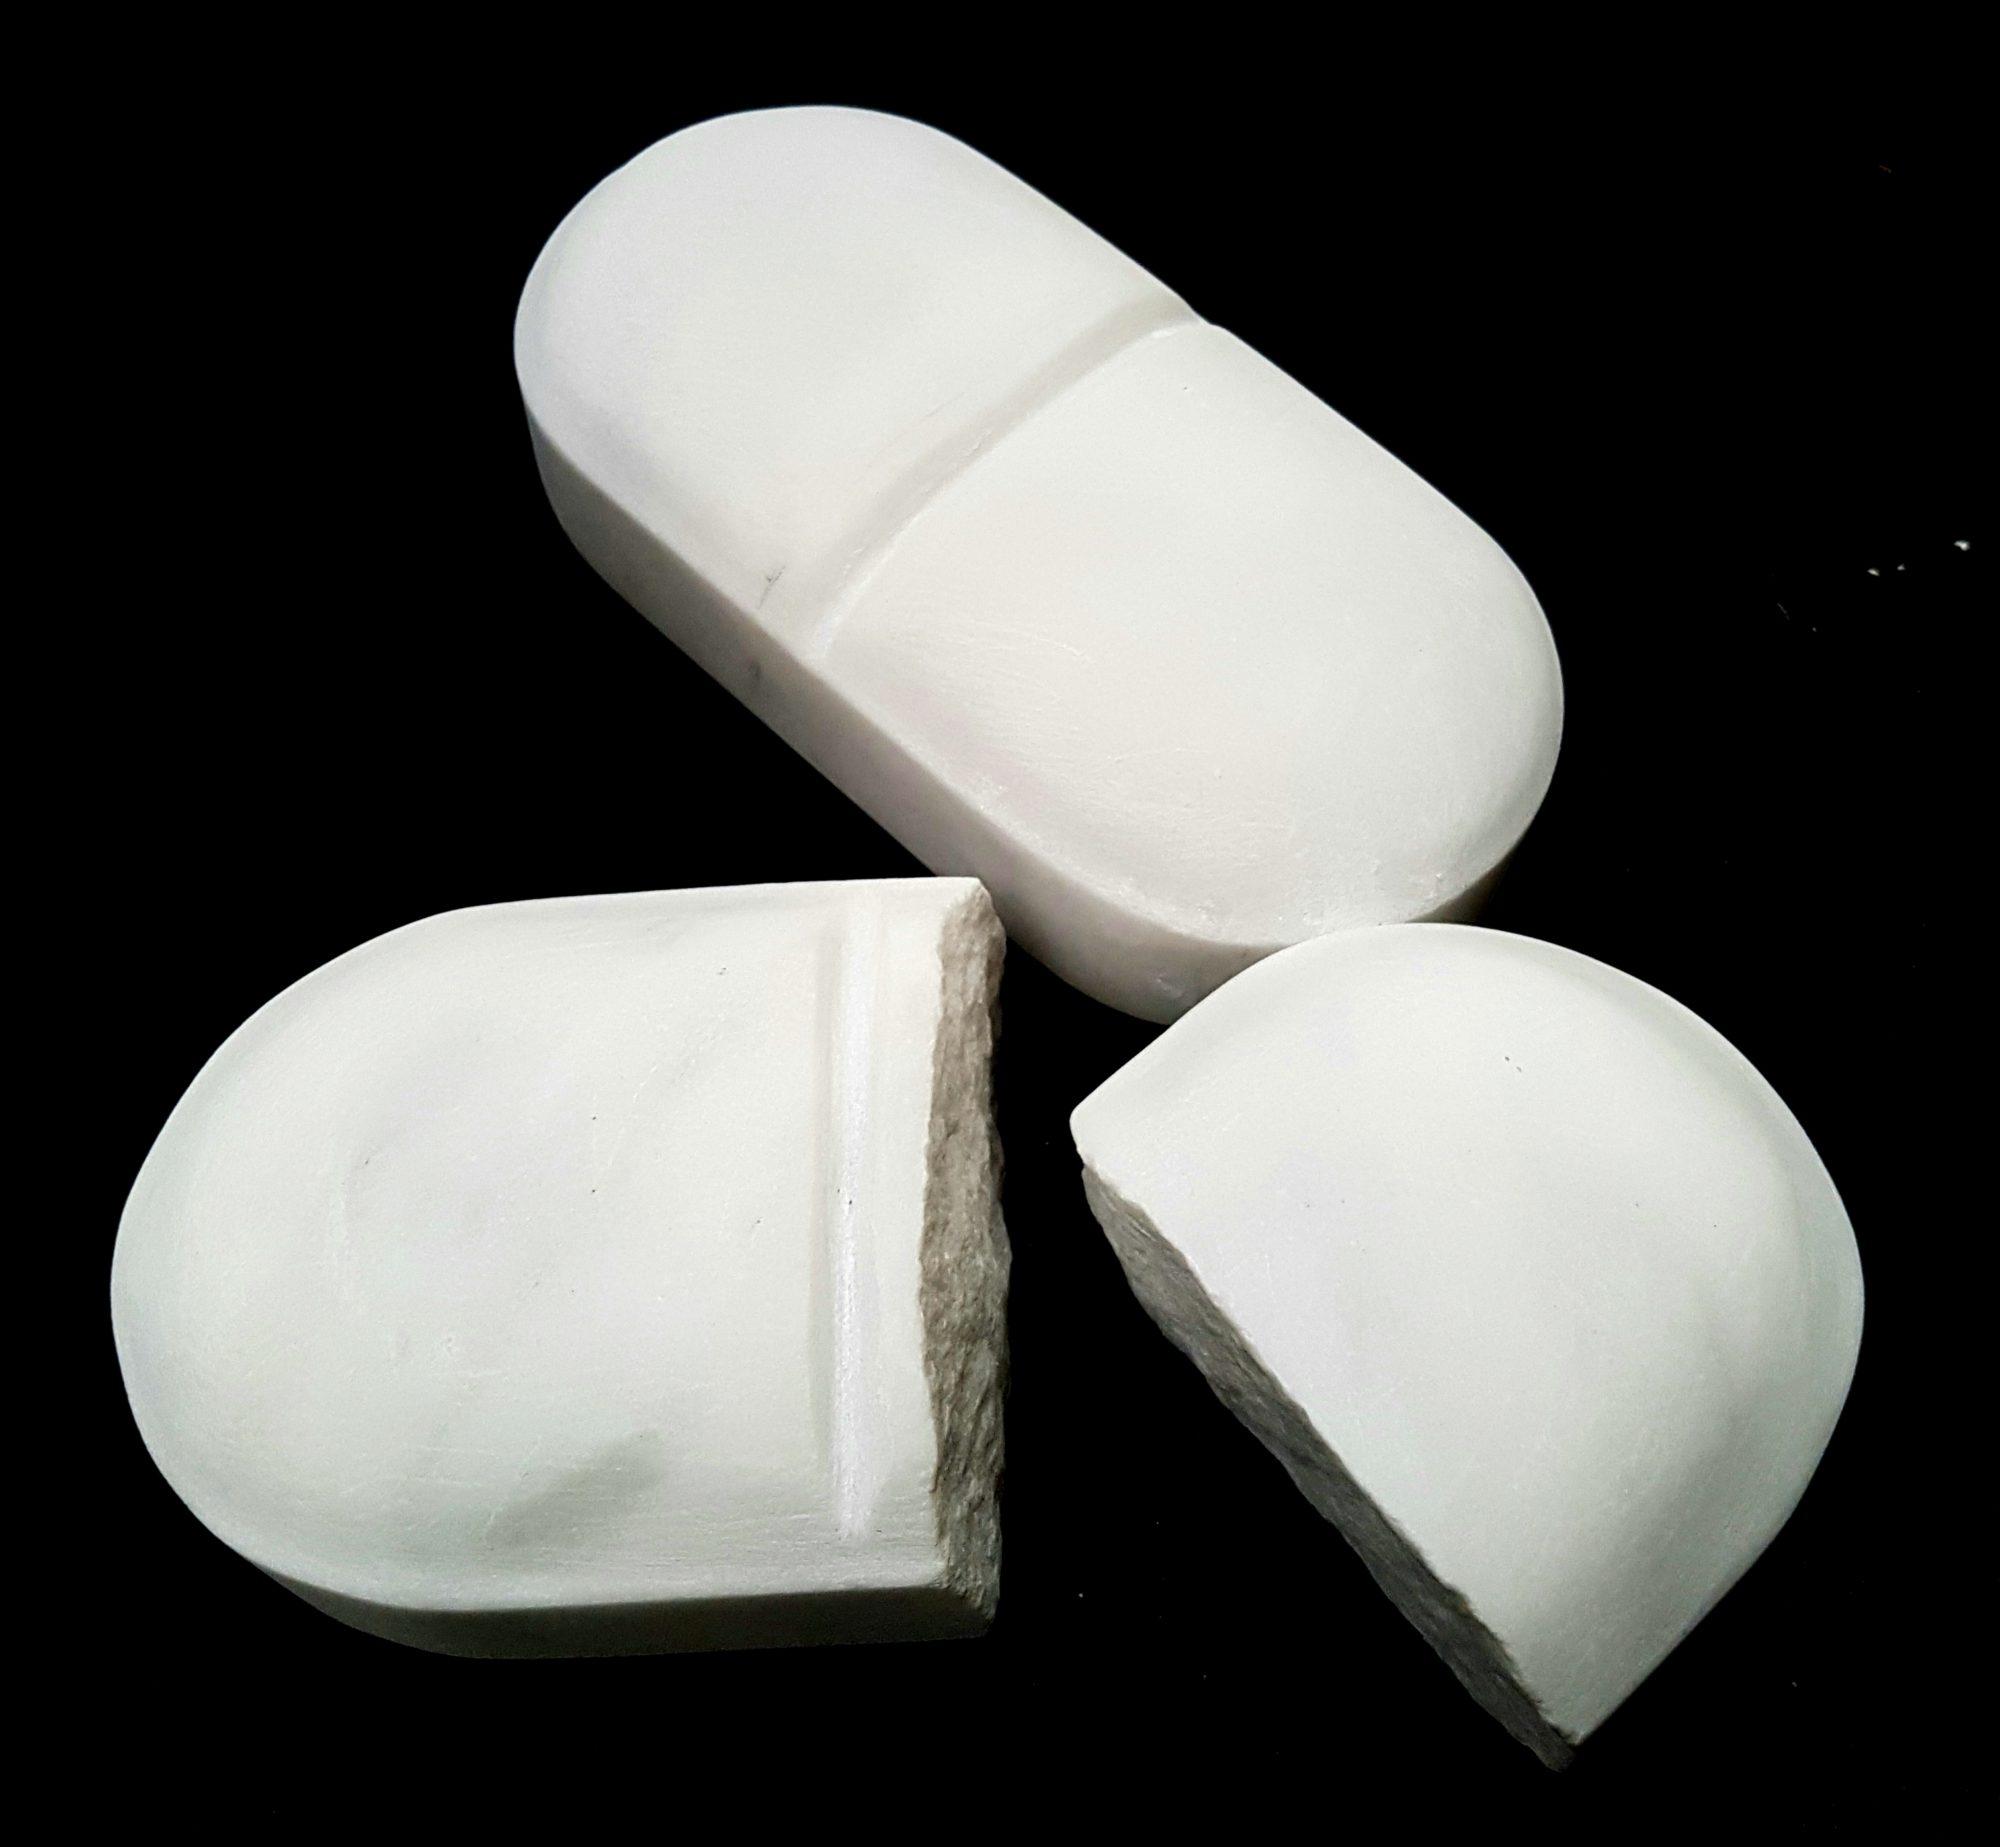 Big Pharma – broken tablets (edition of 3) image